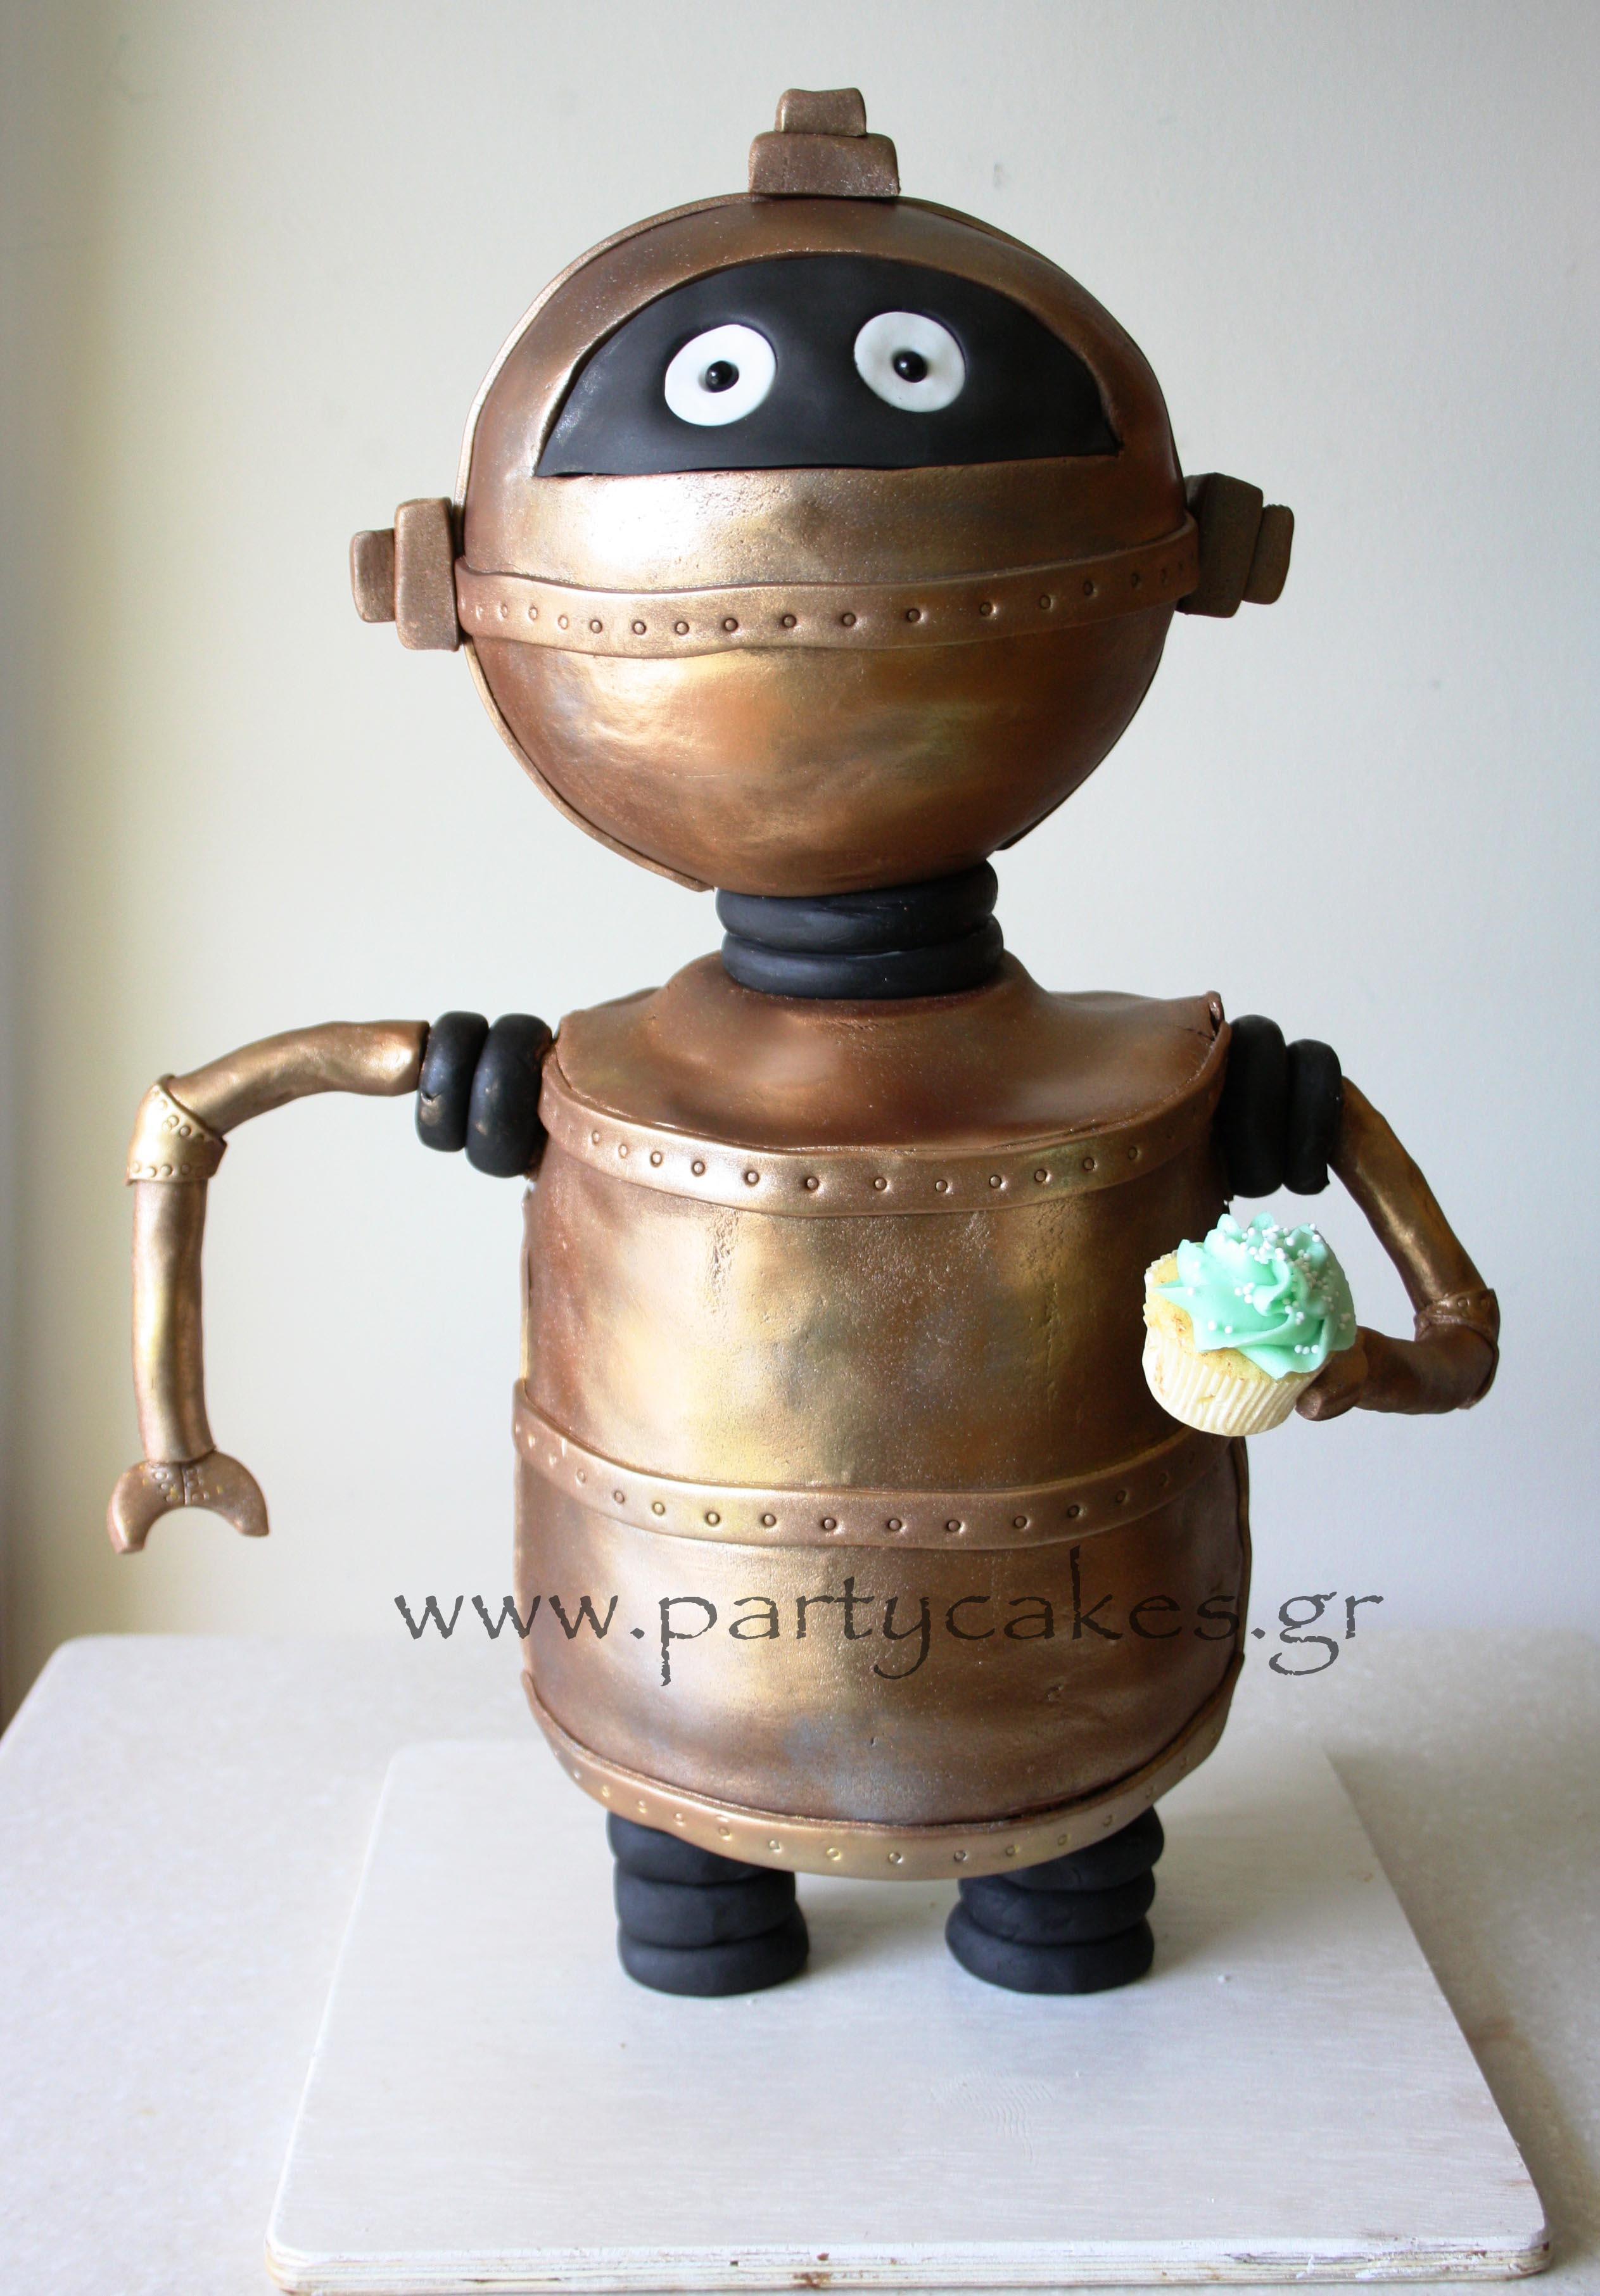 Robot cake 2.jpg